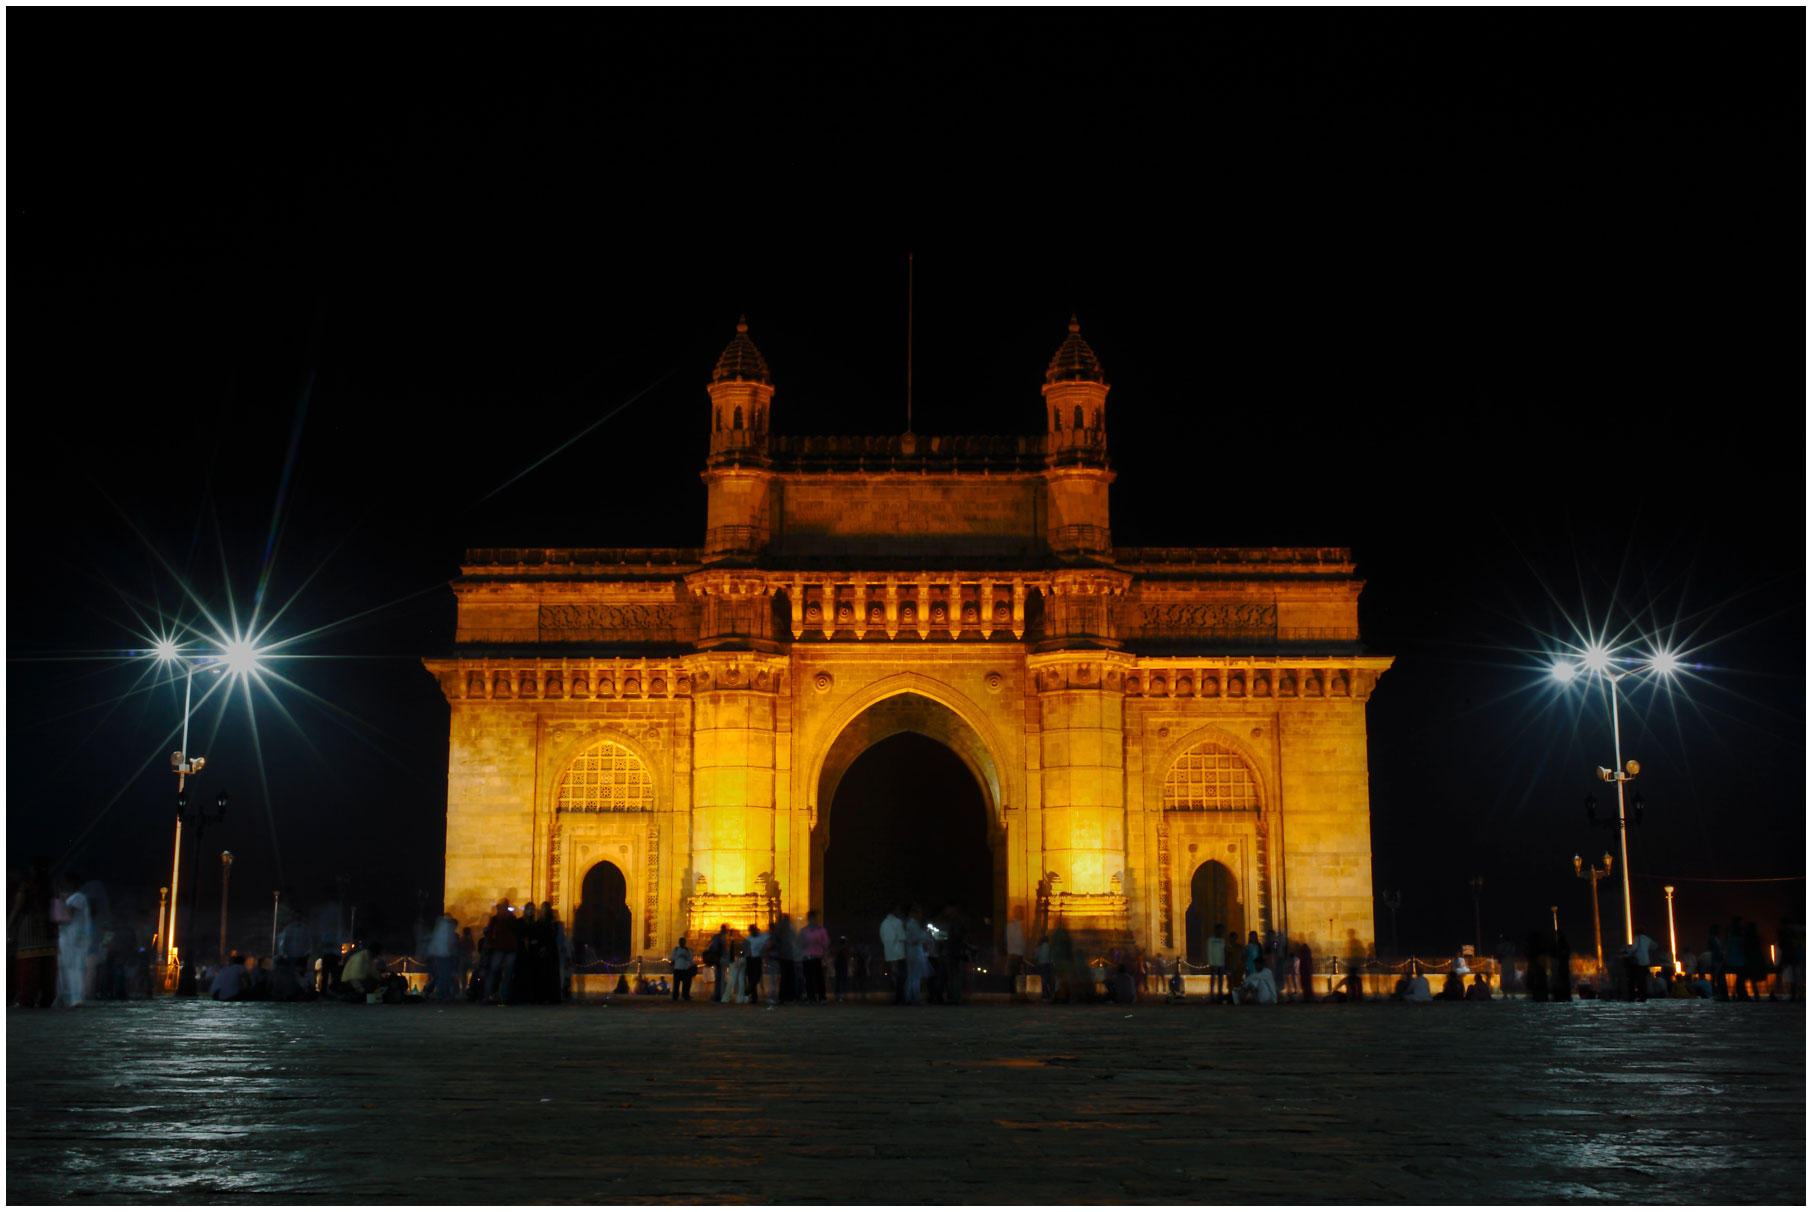 மஹாராஷ்டிரா